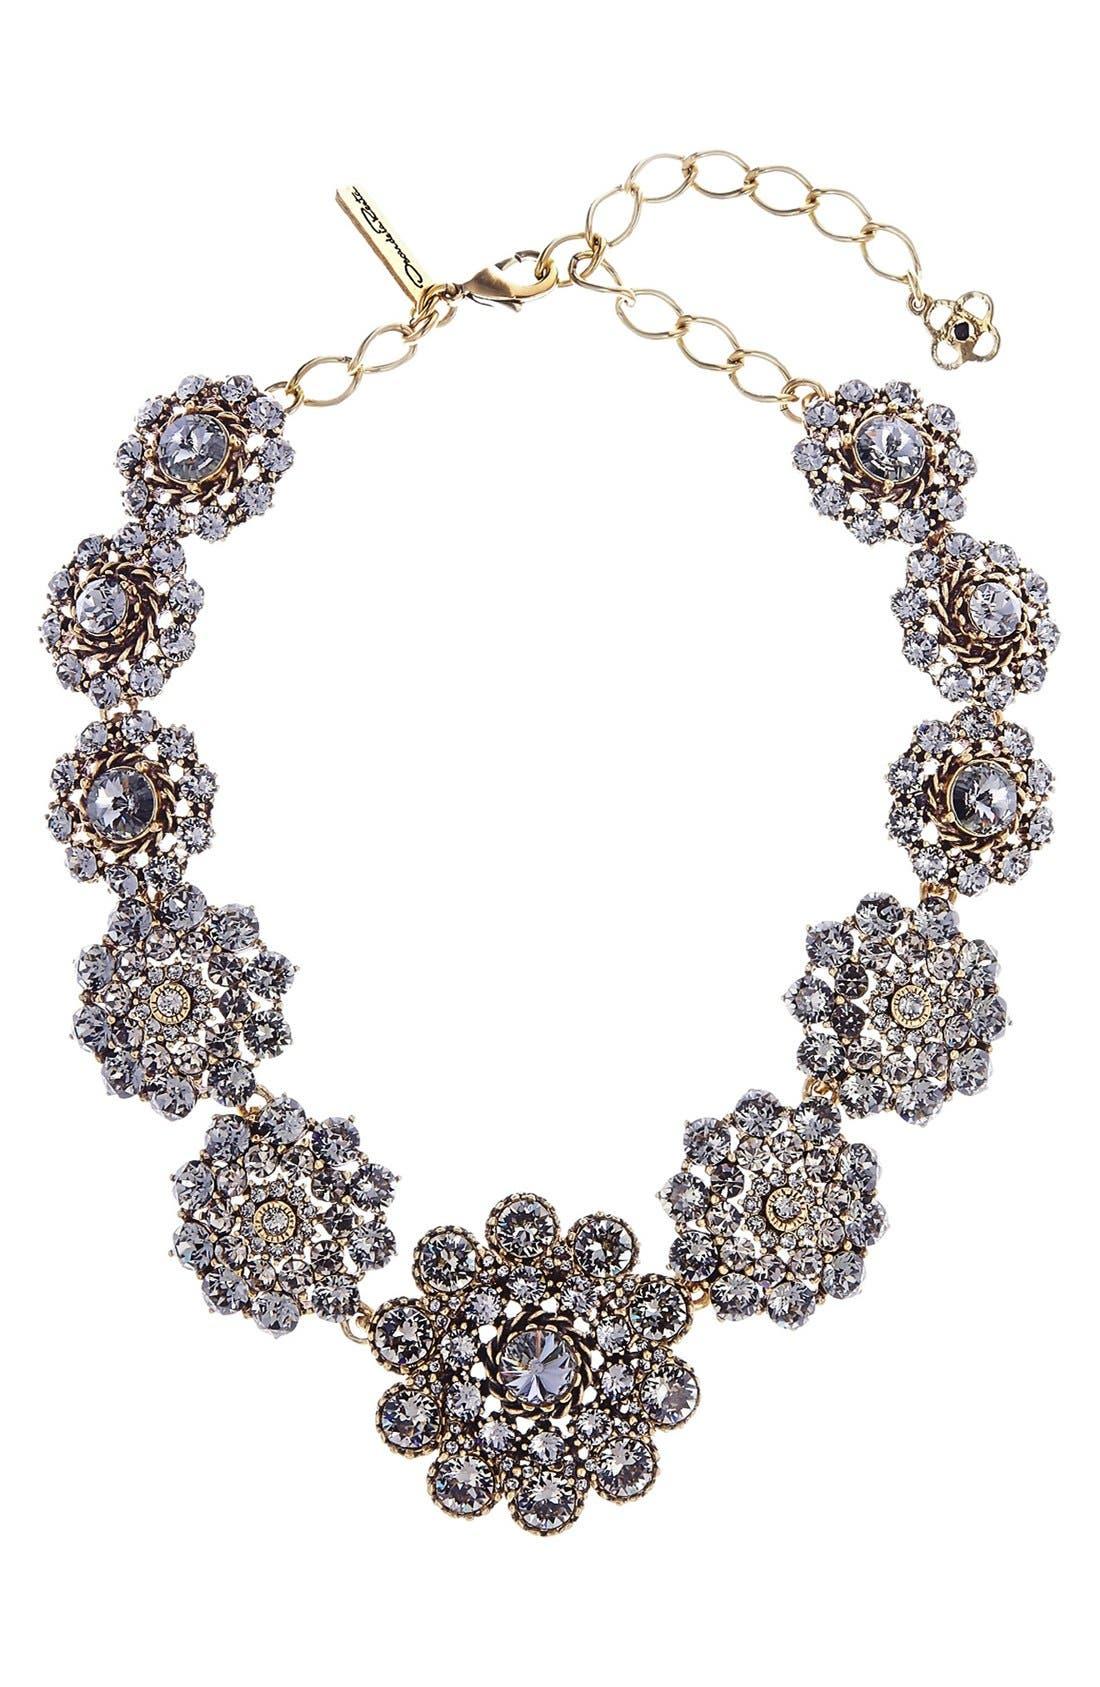 Oscar de la Renta Swarovski Crystal Collar Necklace